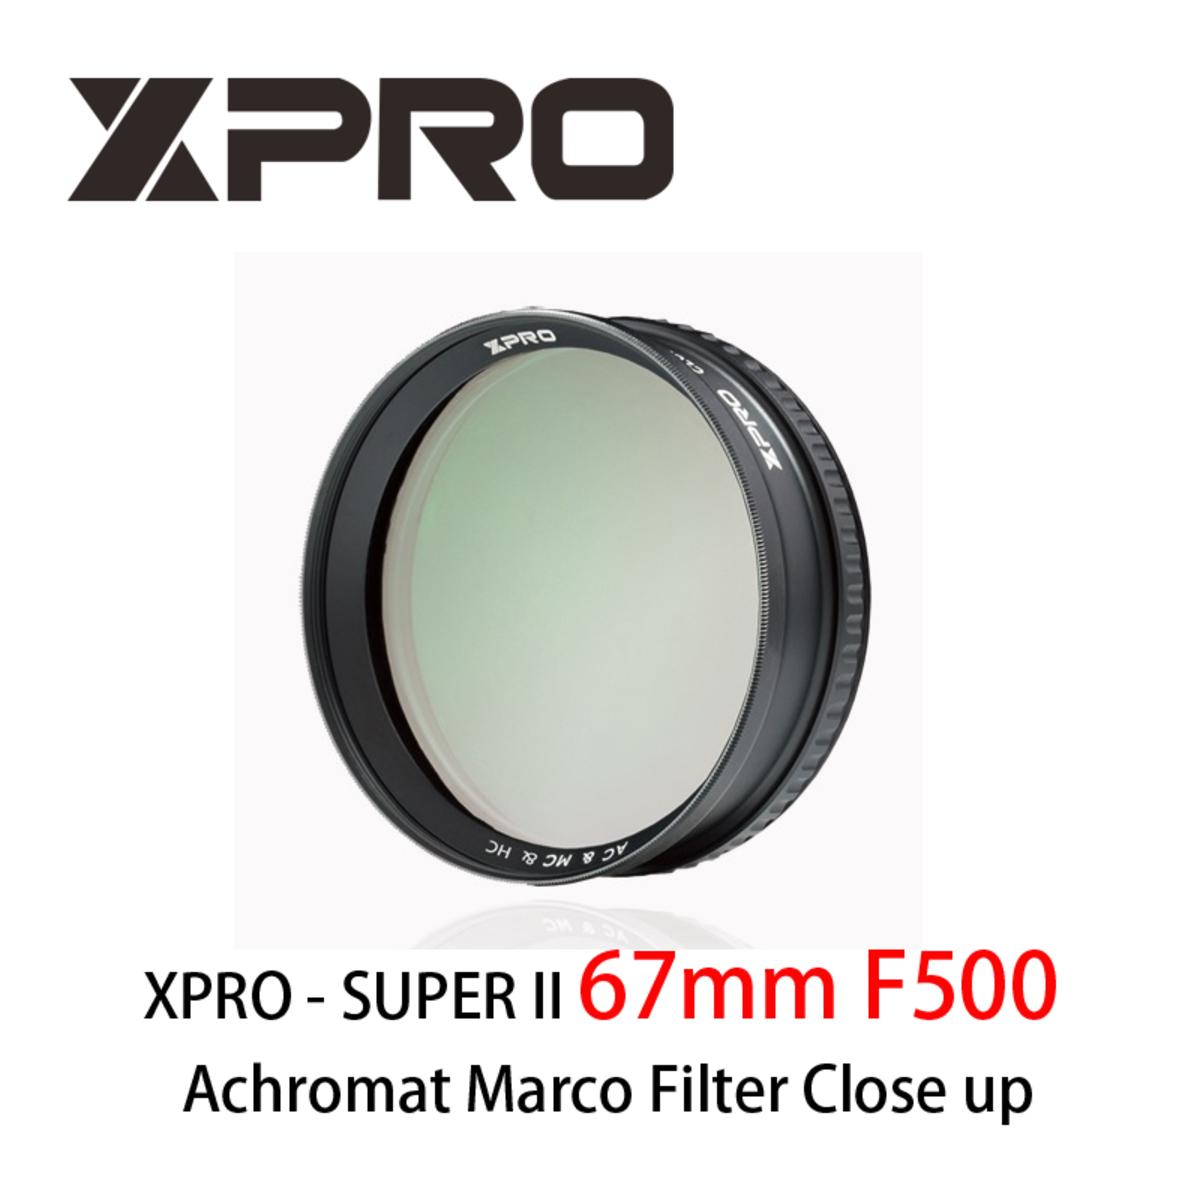 SUPER II 67mm F500 Achromat Marco Filter Close up 近攝鏡